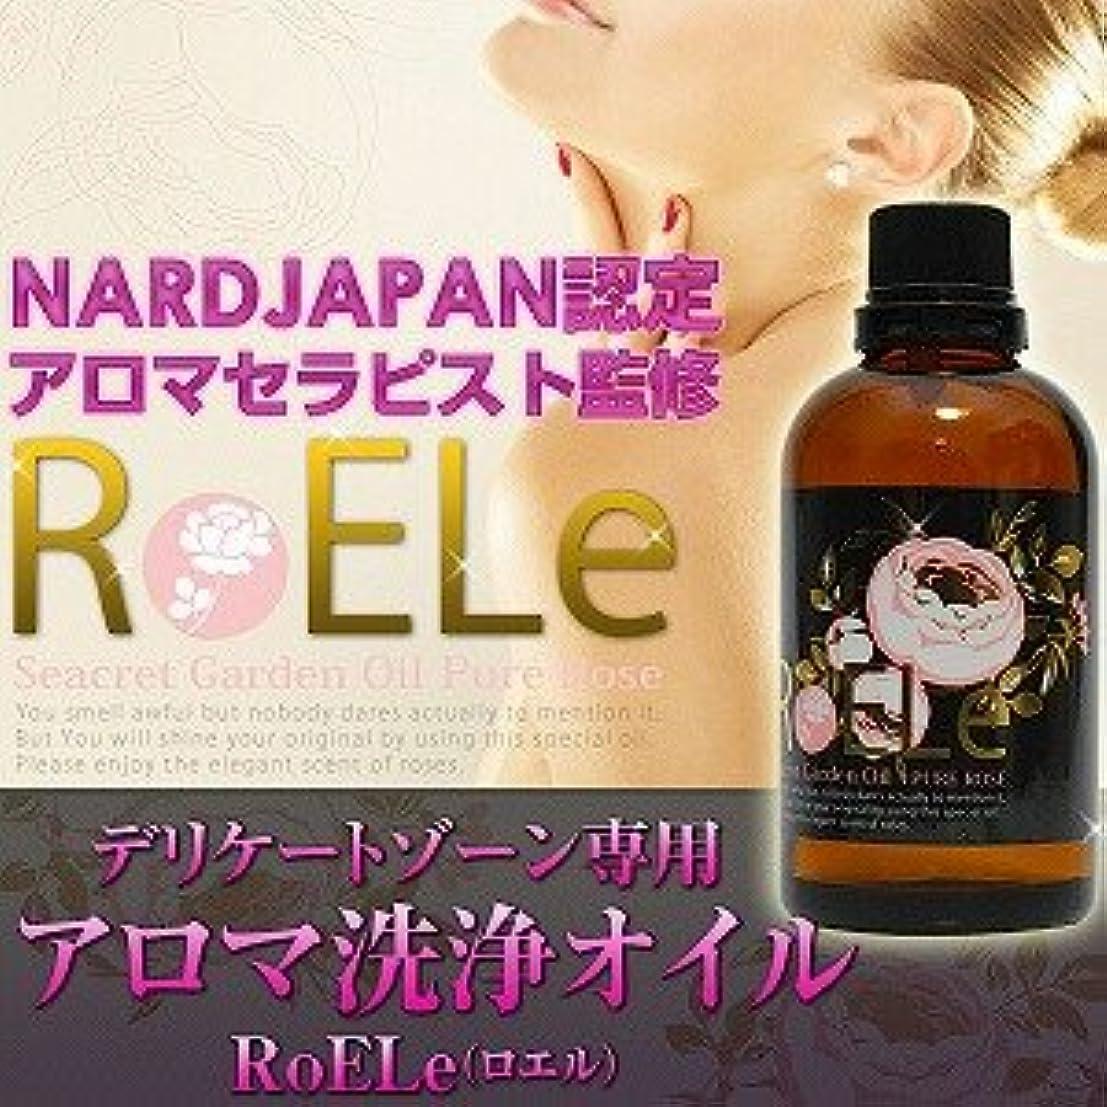 グリップマーキーに対応デリケートゾーン専用、アロマ洗浄オイル『RoELe(ロエル)』